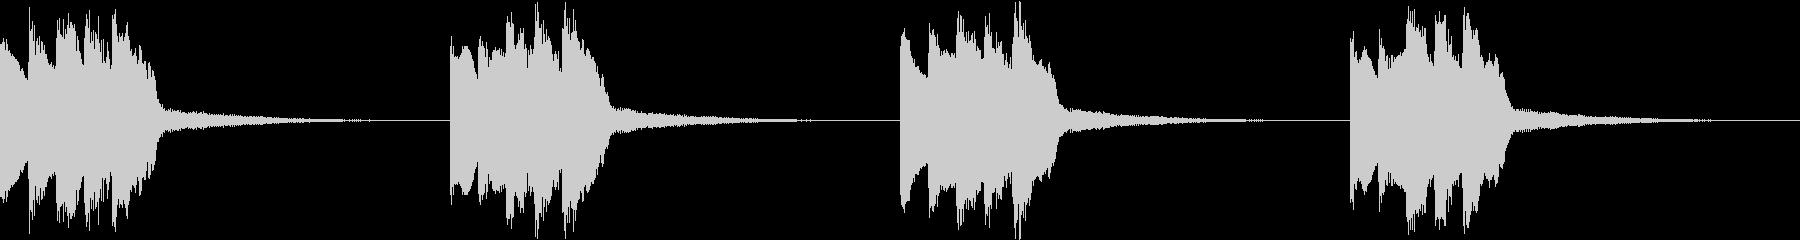 シンプル ベル 着信音 チャイム B19の未再生の波形